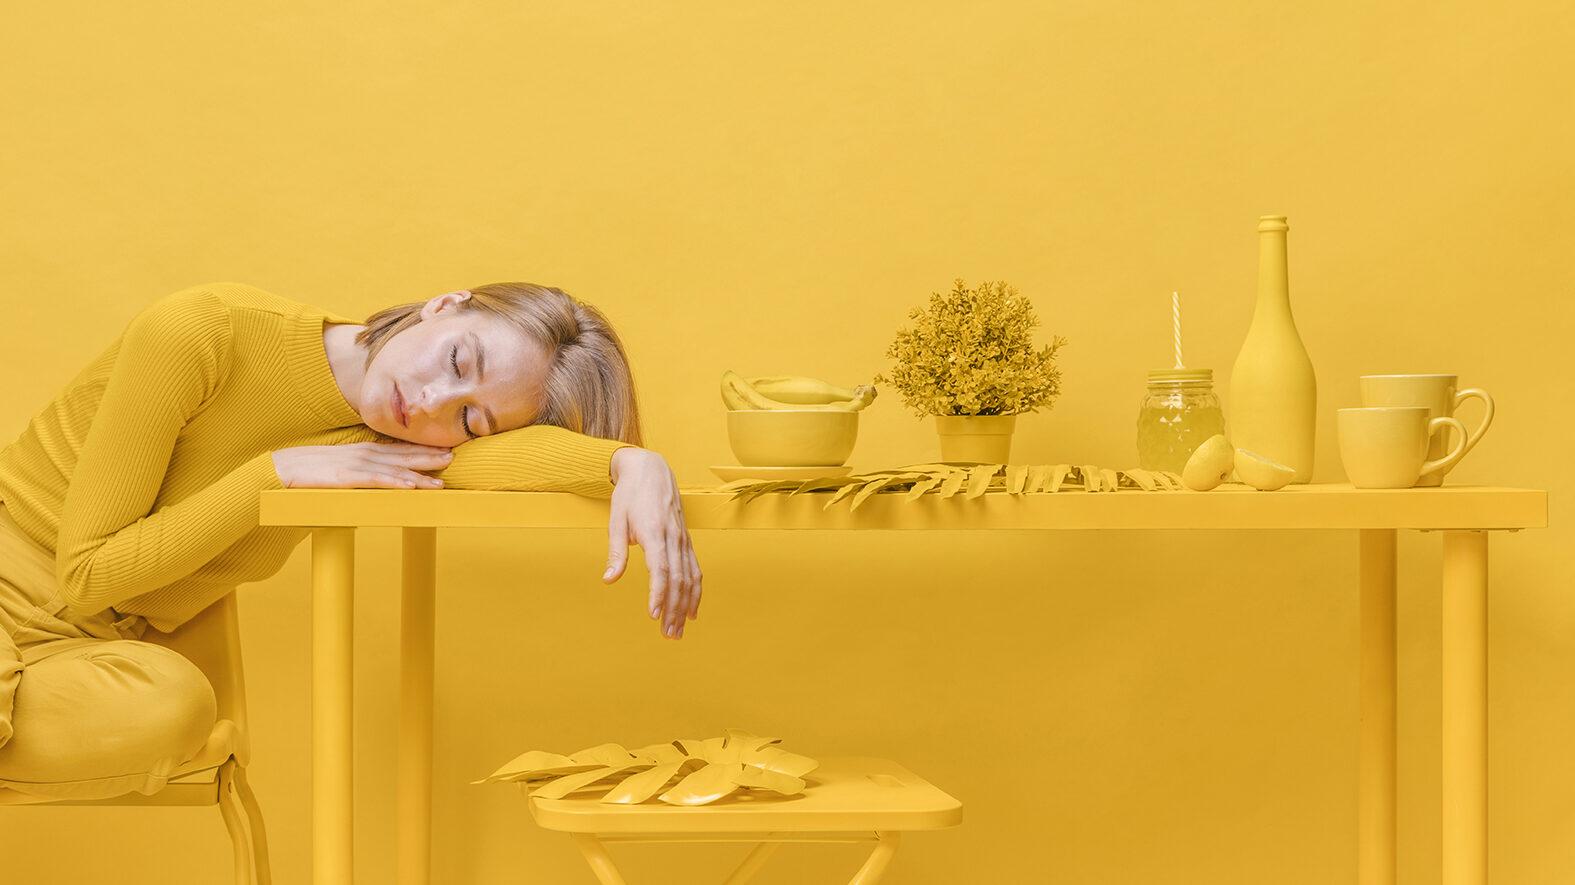 Keltaisiin vaatteisiin pukeutunut nainen istuu tuolilla keltaisen pöydän vieressä. Naisen kädet nojaavat pöytään ja hän lepää päätä vasten kättään silmät kiinni. Pöydällä keltaisia tavaroita.